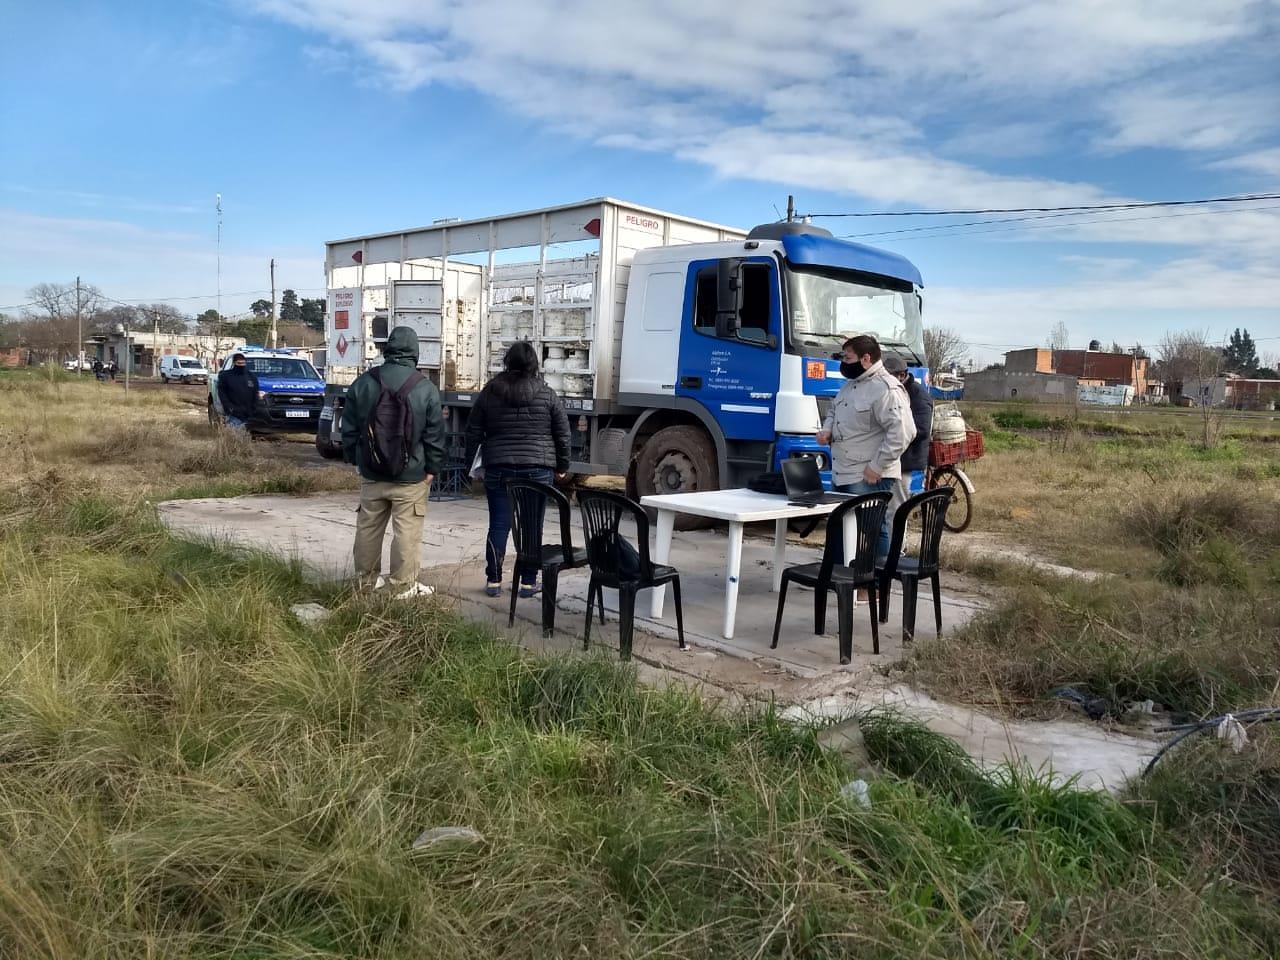 Operativos del Programa Hogar en los barrios 18 de Julio y Los Hornos 23 de Moreno